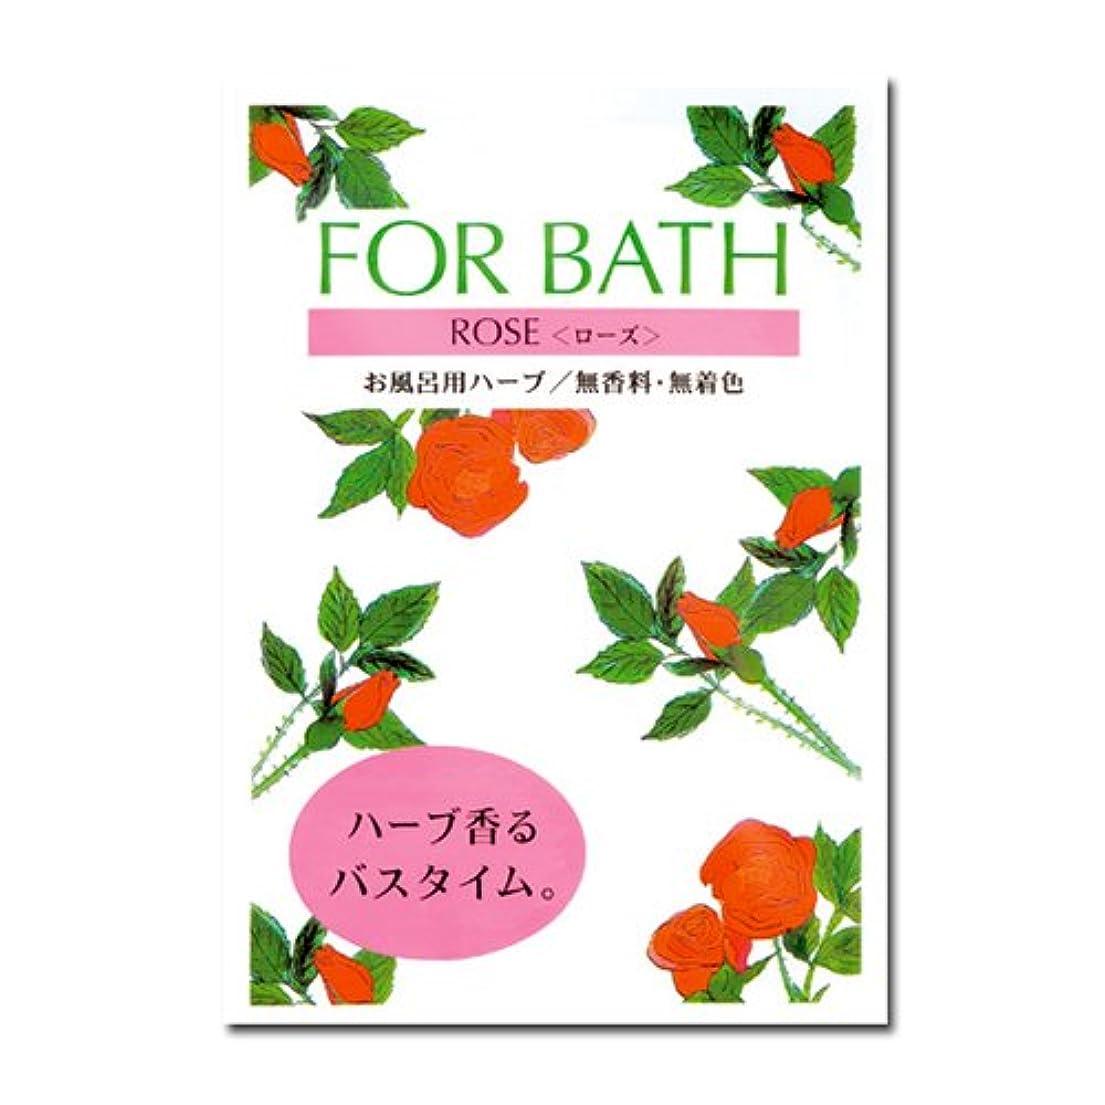 予報サイズ喜びフォアバス ローズx30袋[フォアバス/入浴剤/ハーブ]